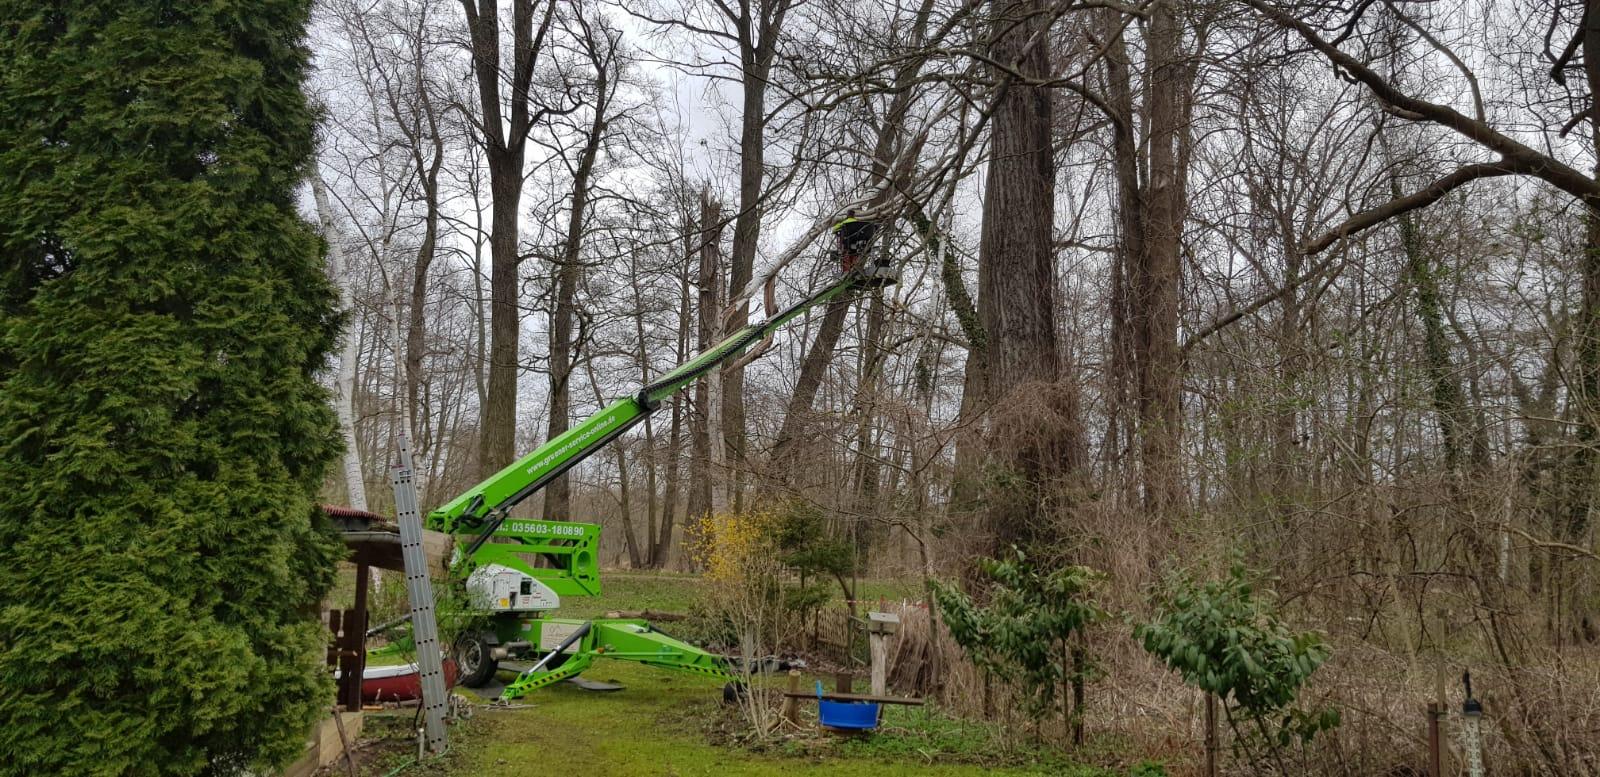 Baumpflege in Burg mit kleiner Hebebühne